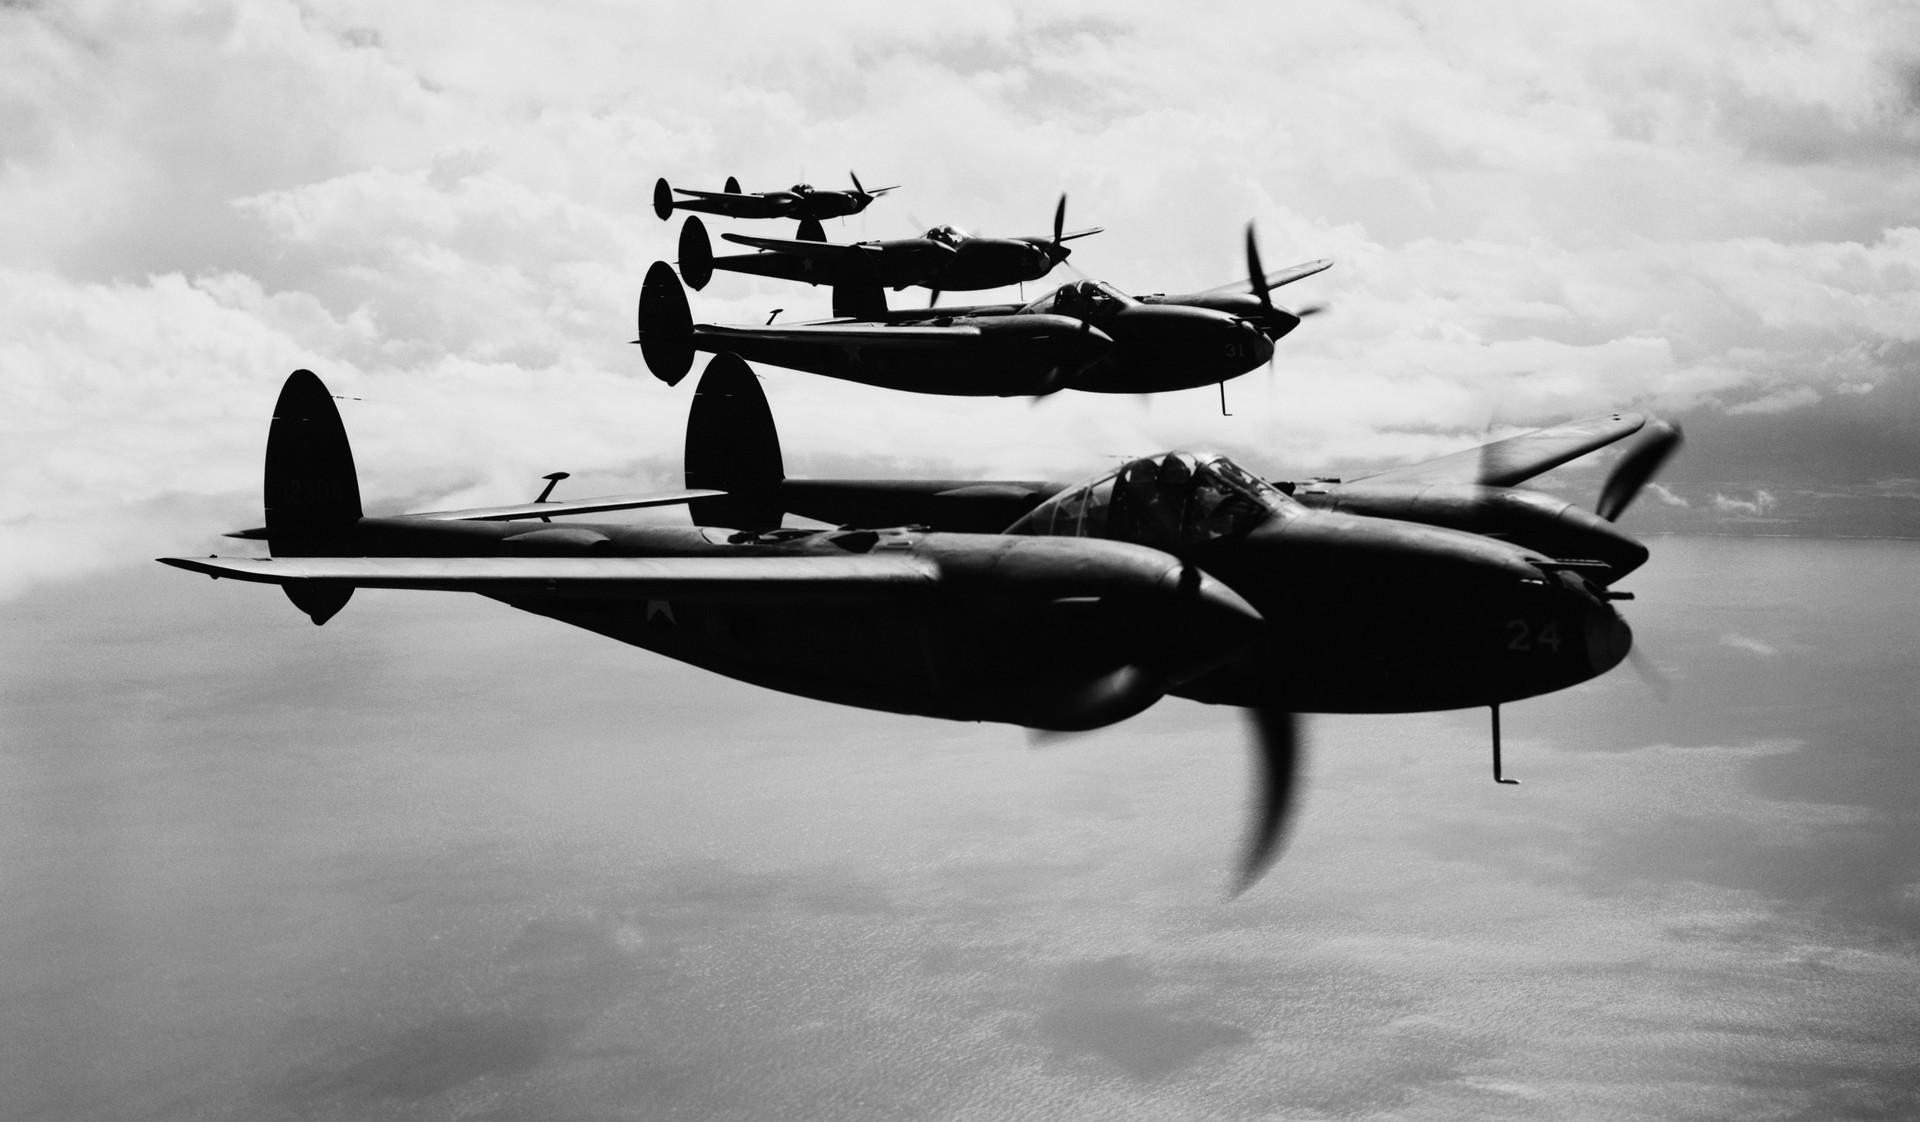 Esquadrão de caça de Lockheeds P-38.